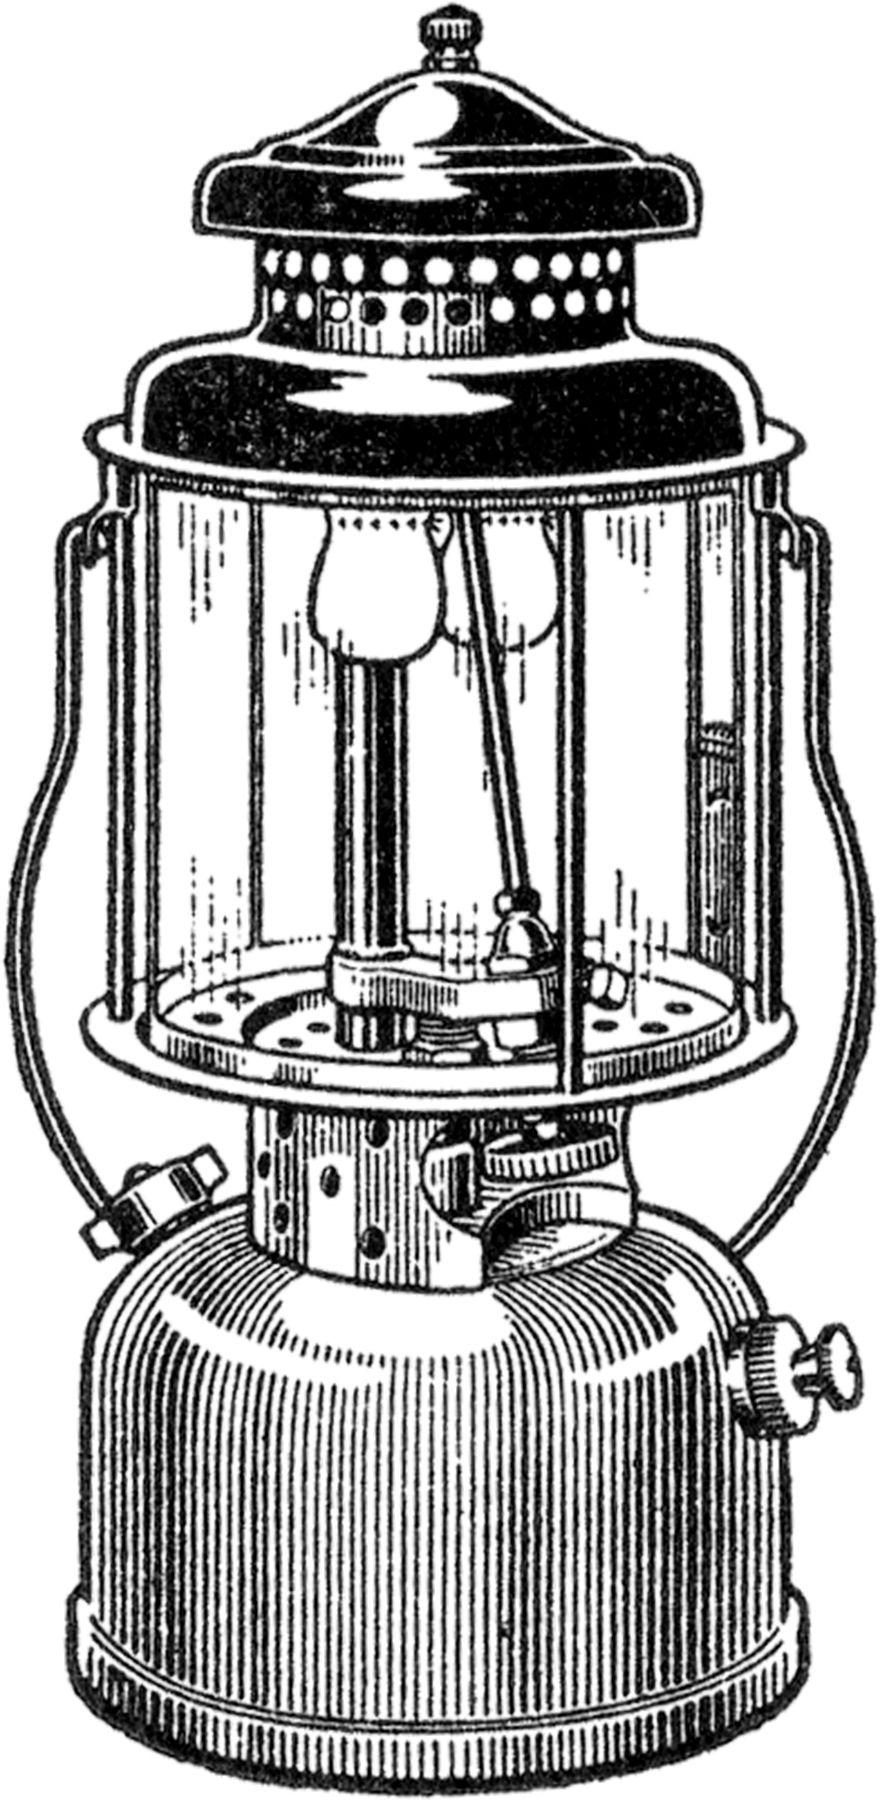 Free Vintage Camping Lantern Image.